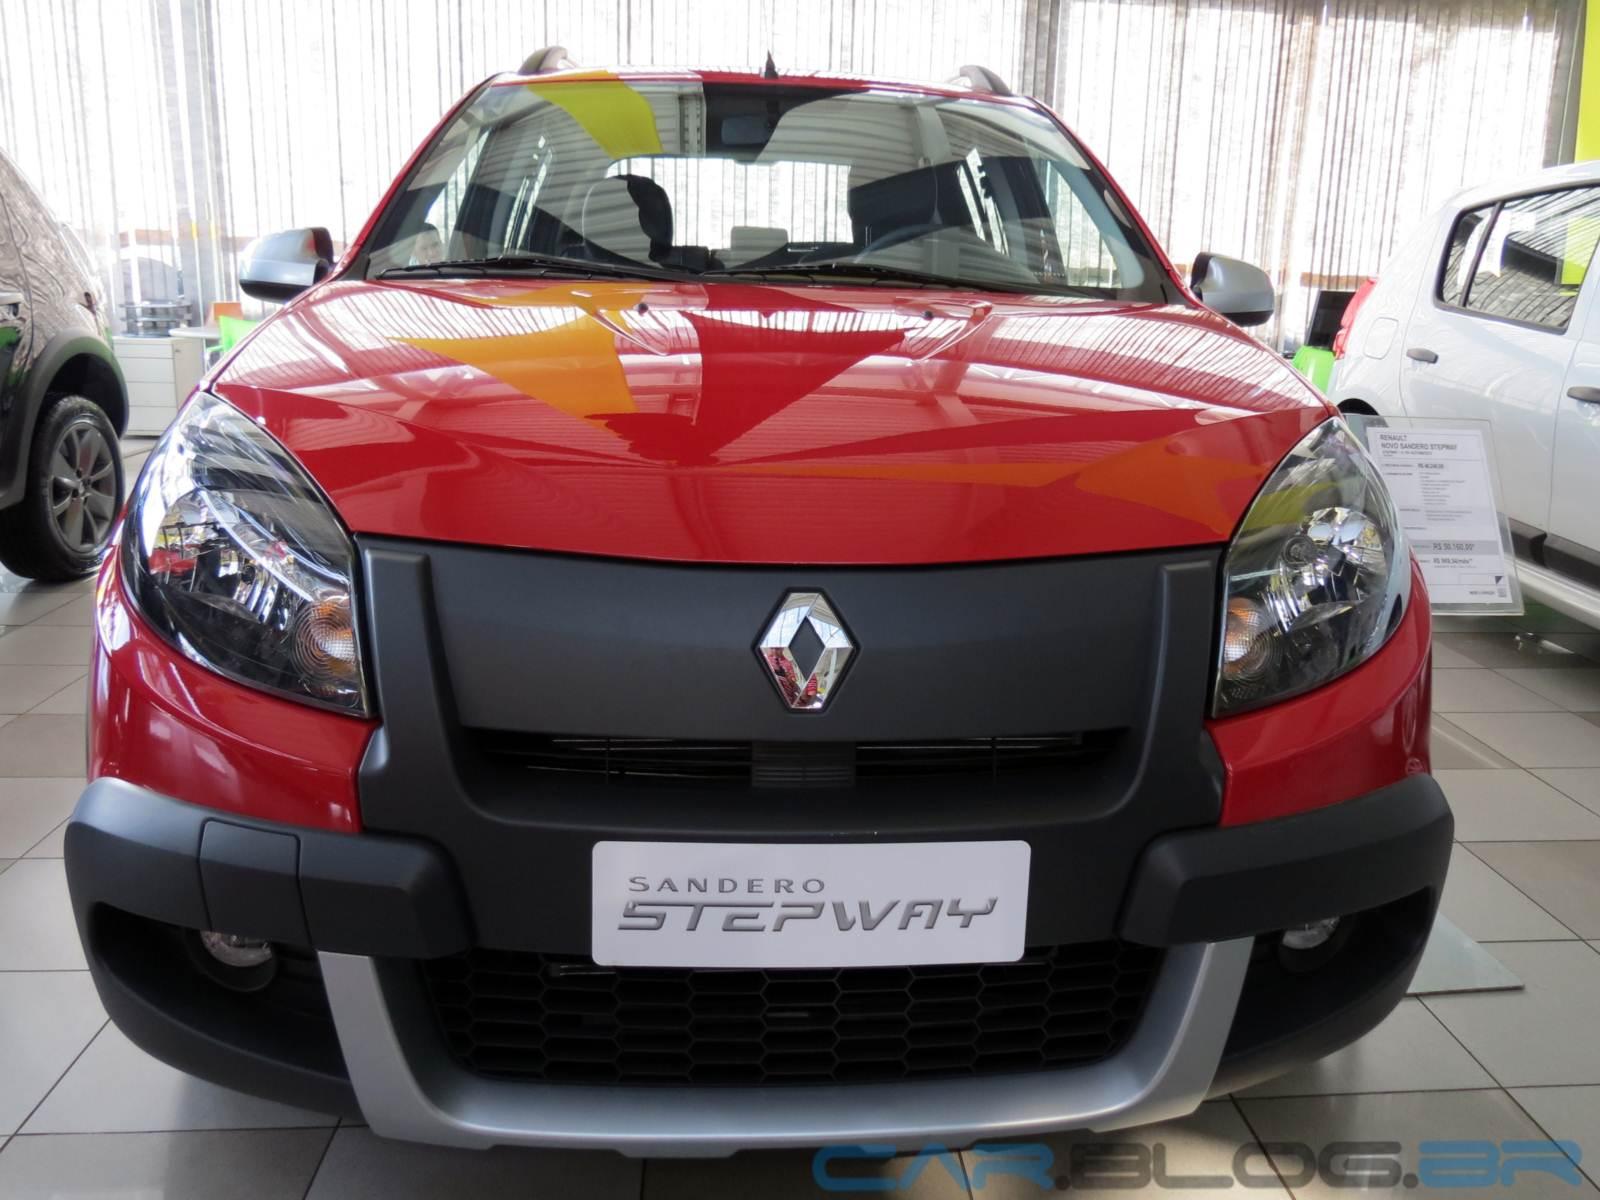 sugerido do Sandero Stepway Automático é de R$ 46.240 reais